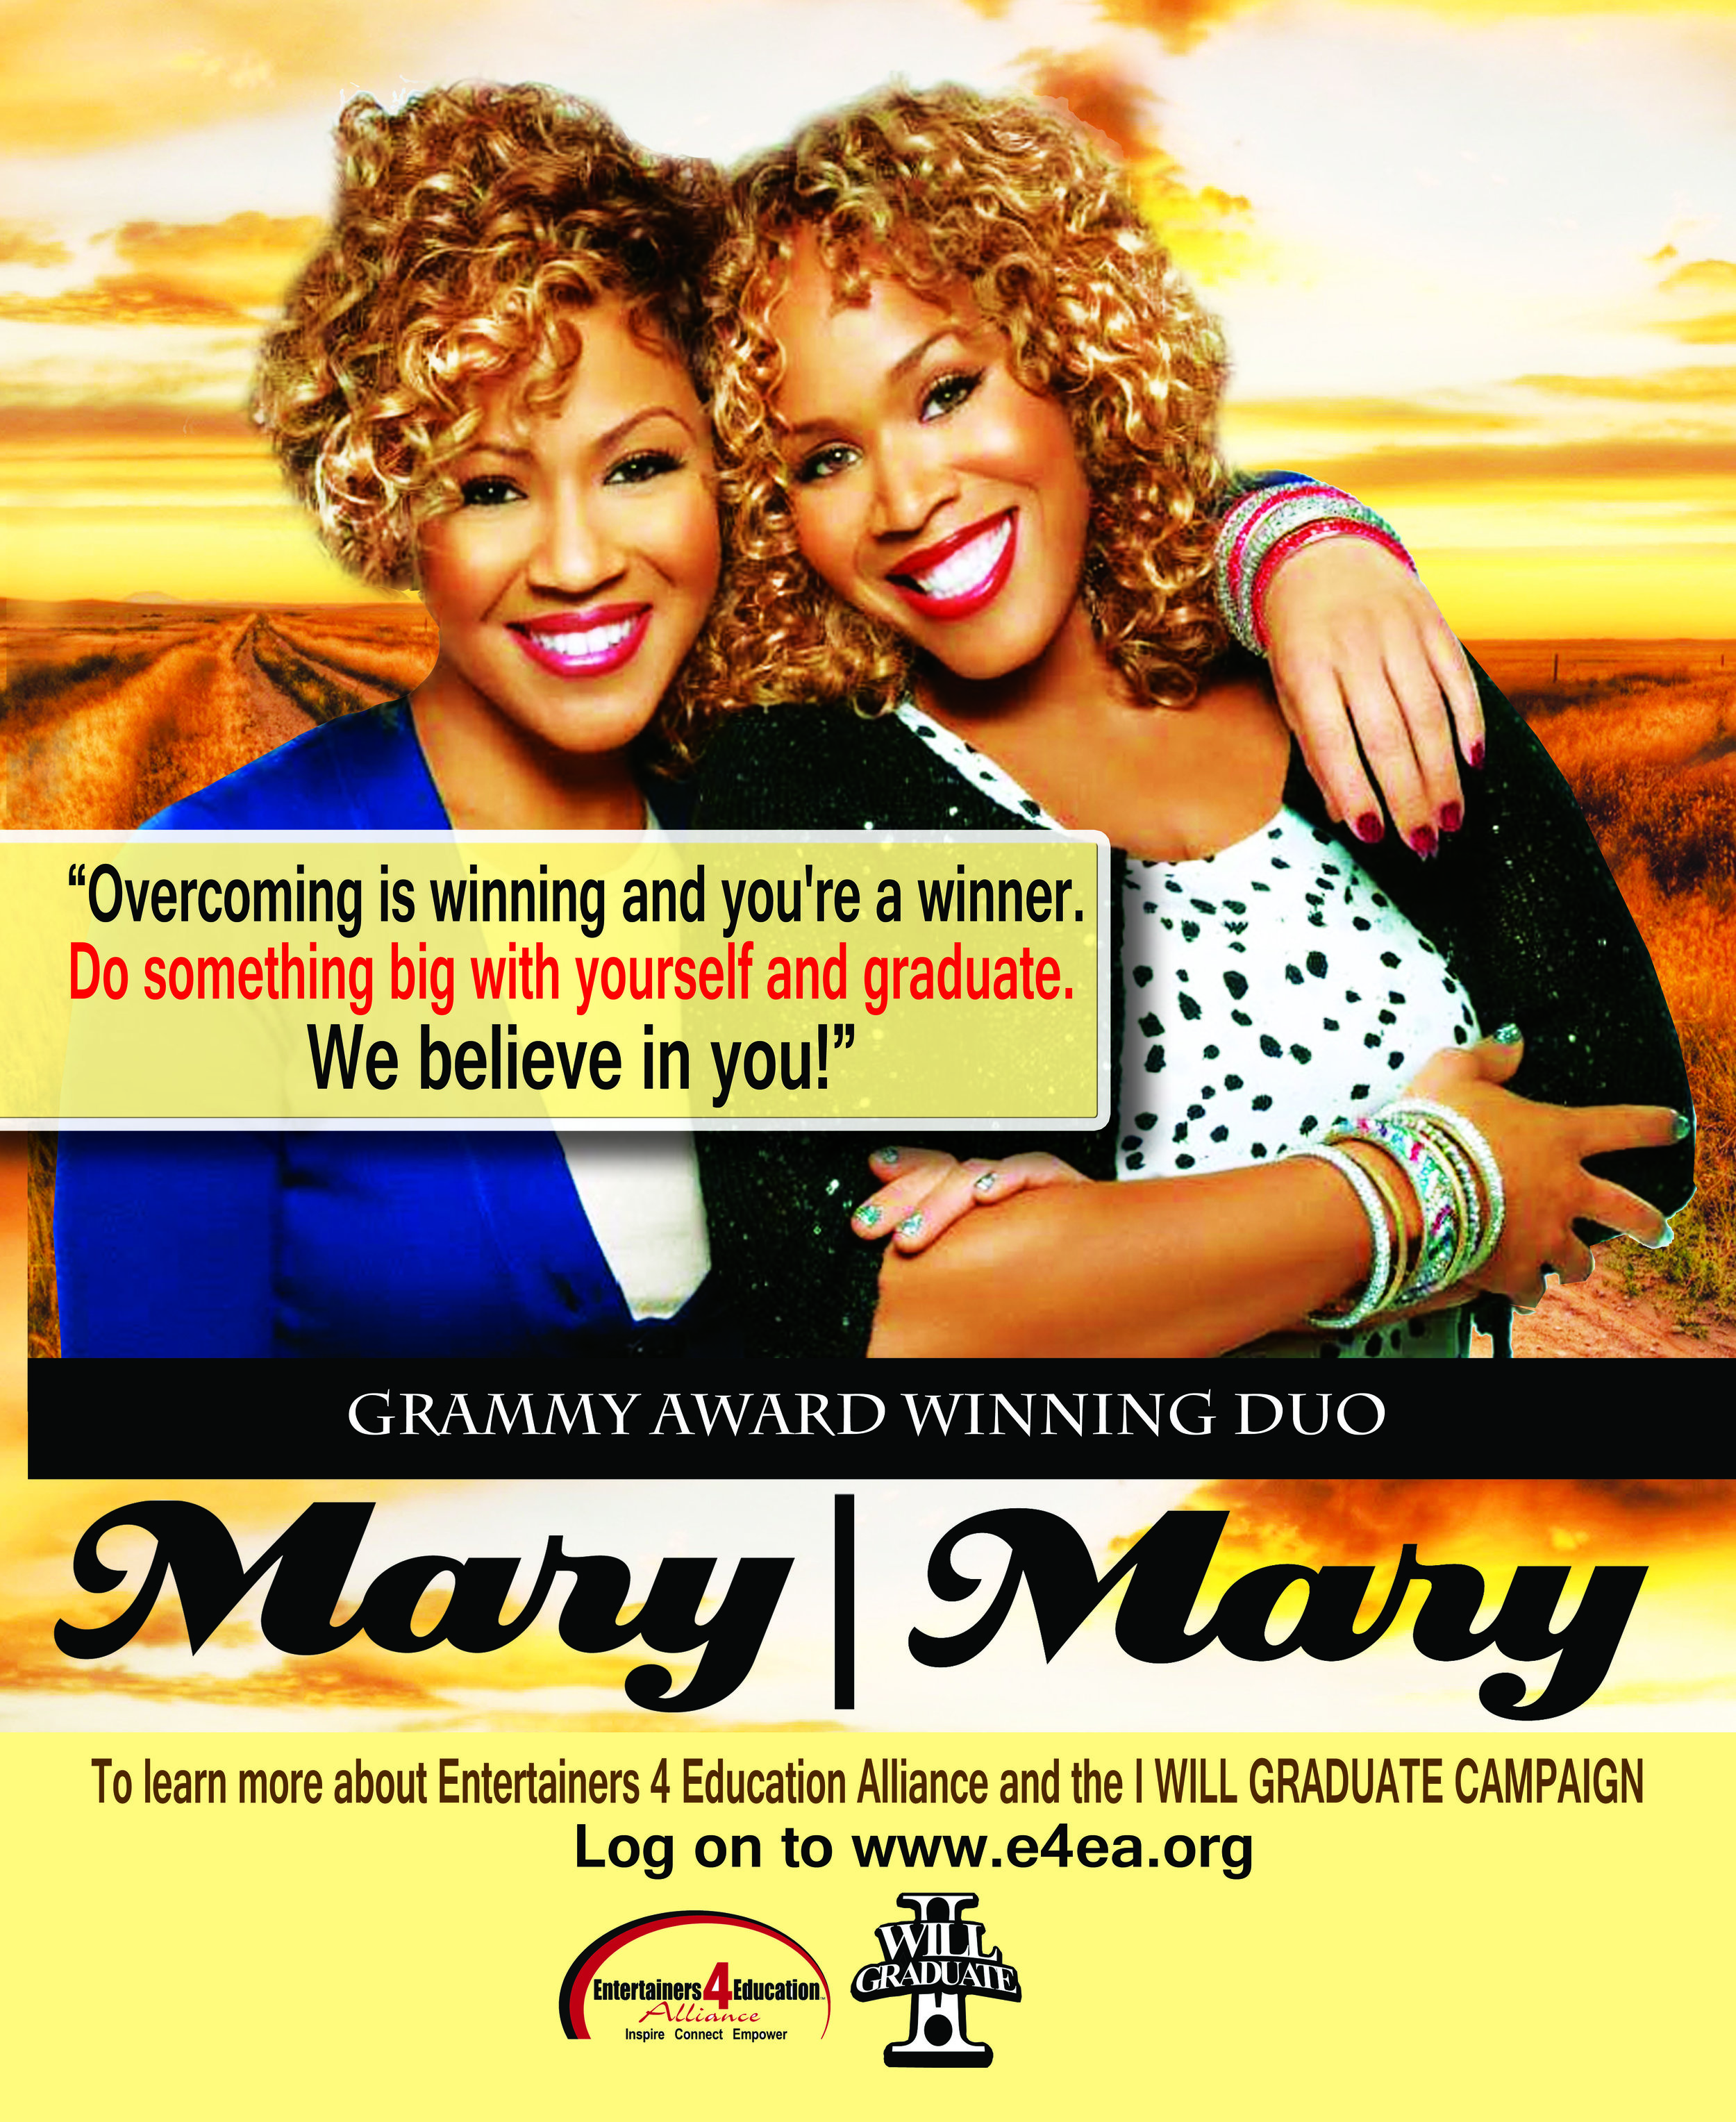 mary mary 2.jpg